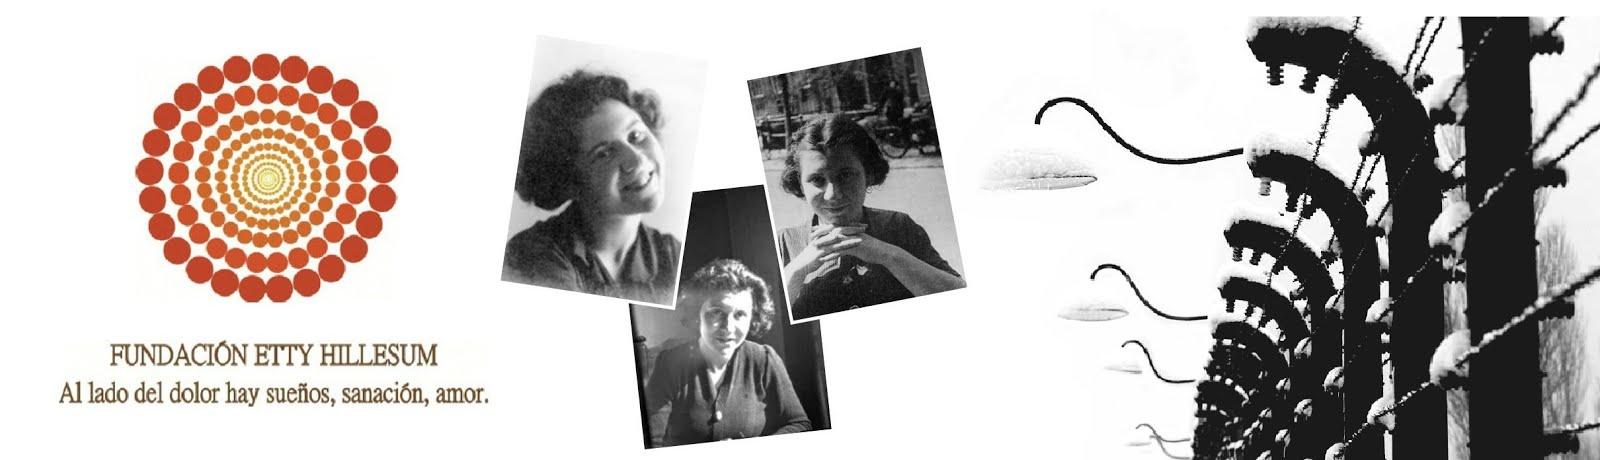 Blog Fundación Etty Hillesum